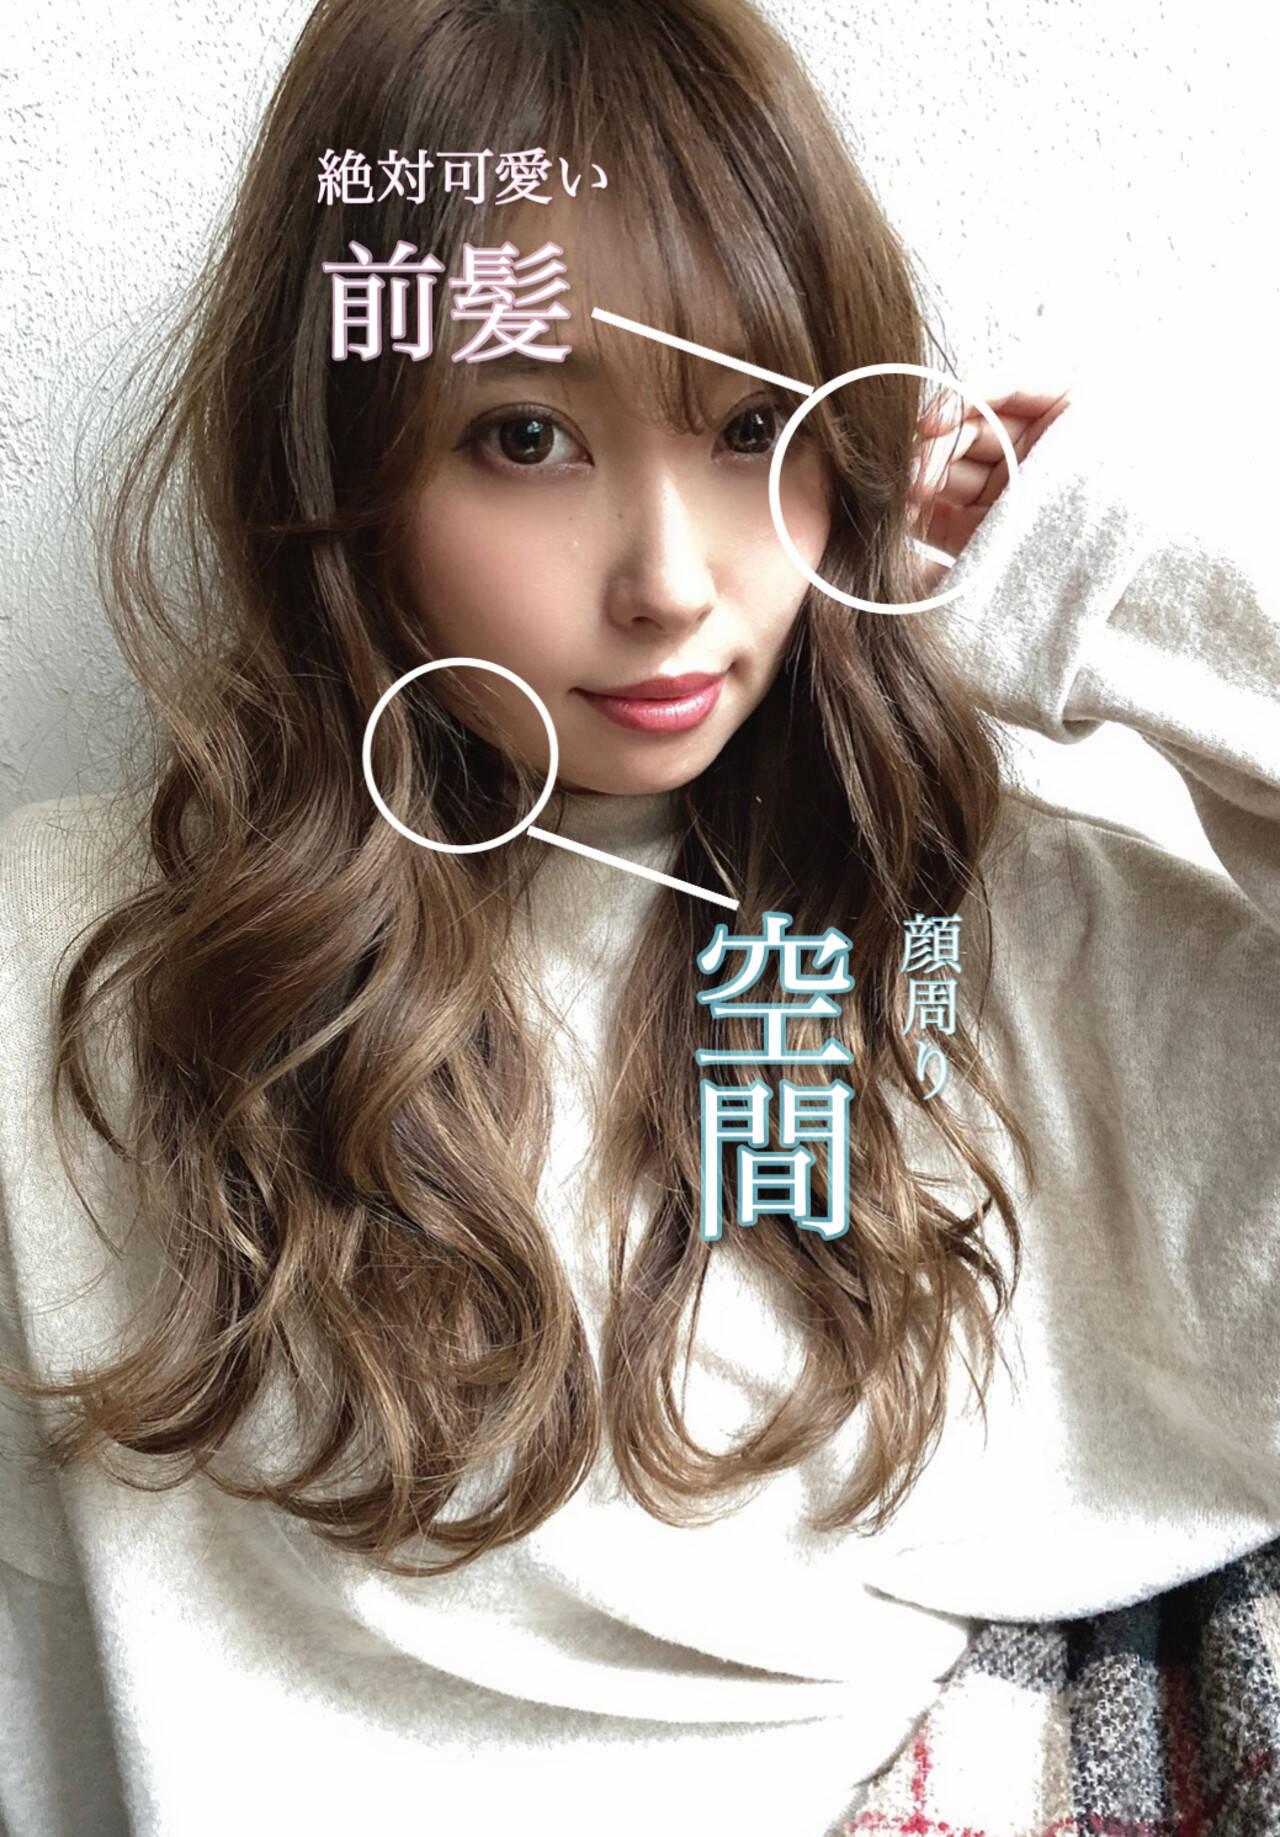 グレージュ ロング ロングヘア ハイライトヘアスタイルや髪型の写真・画像